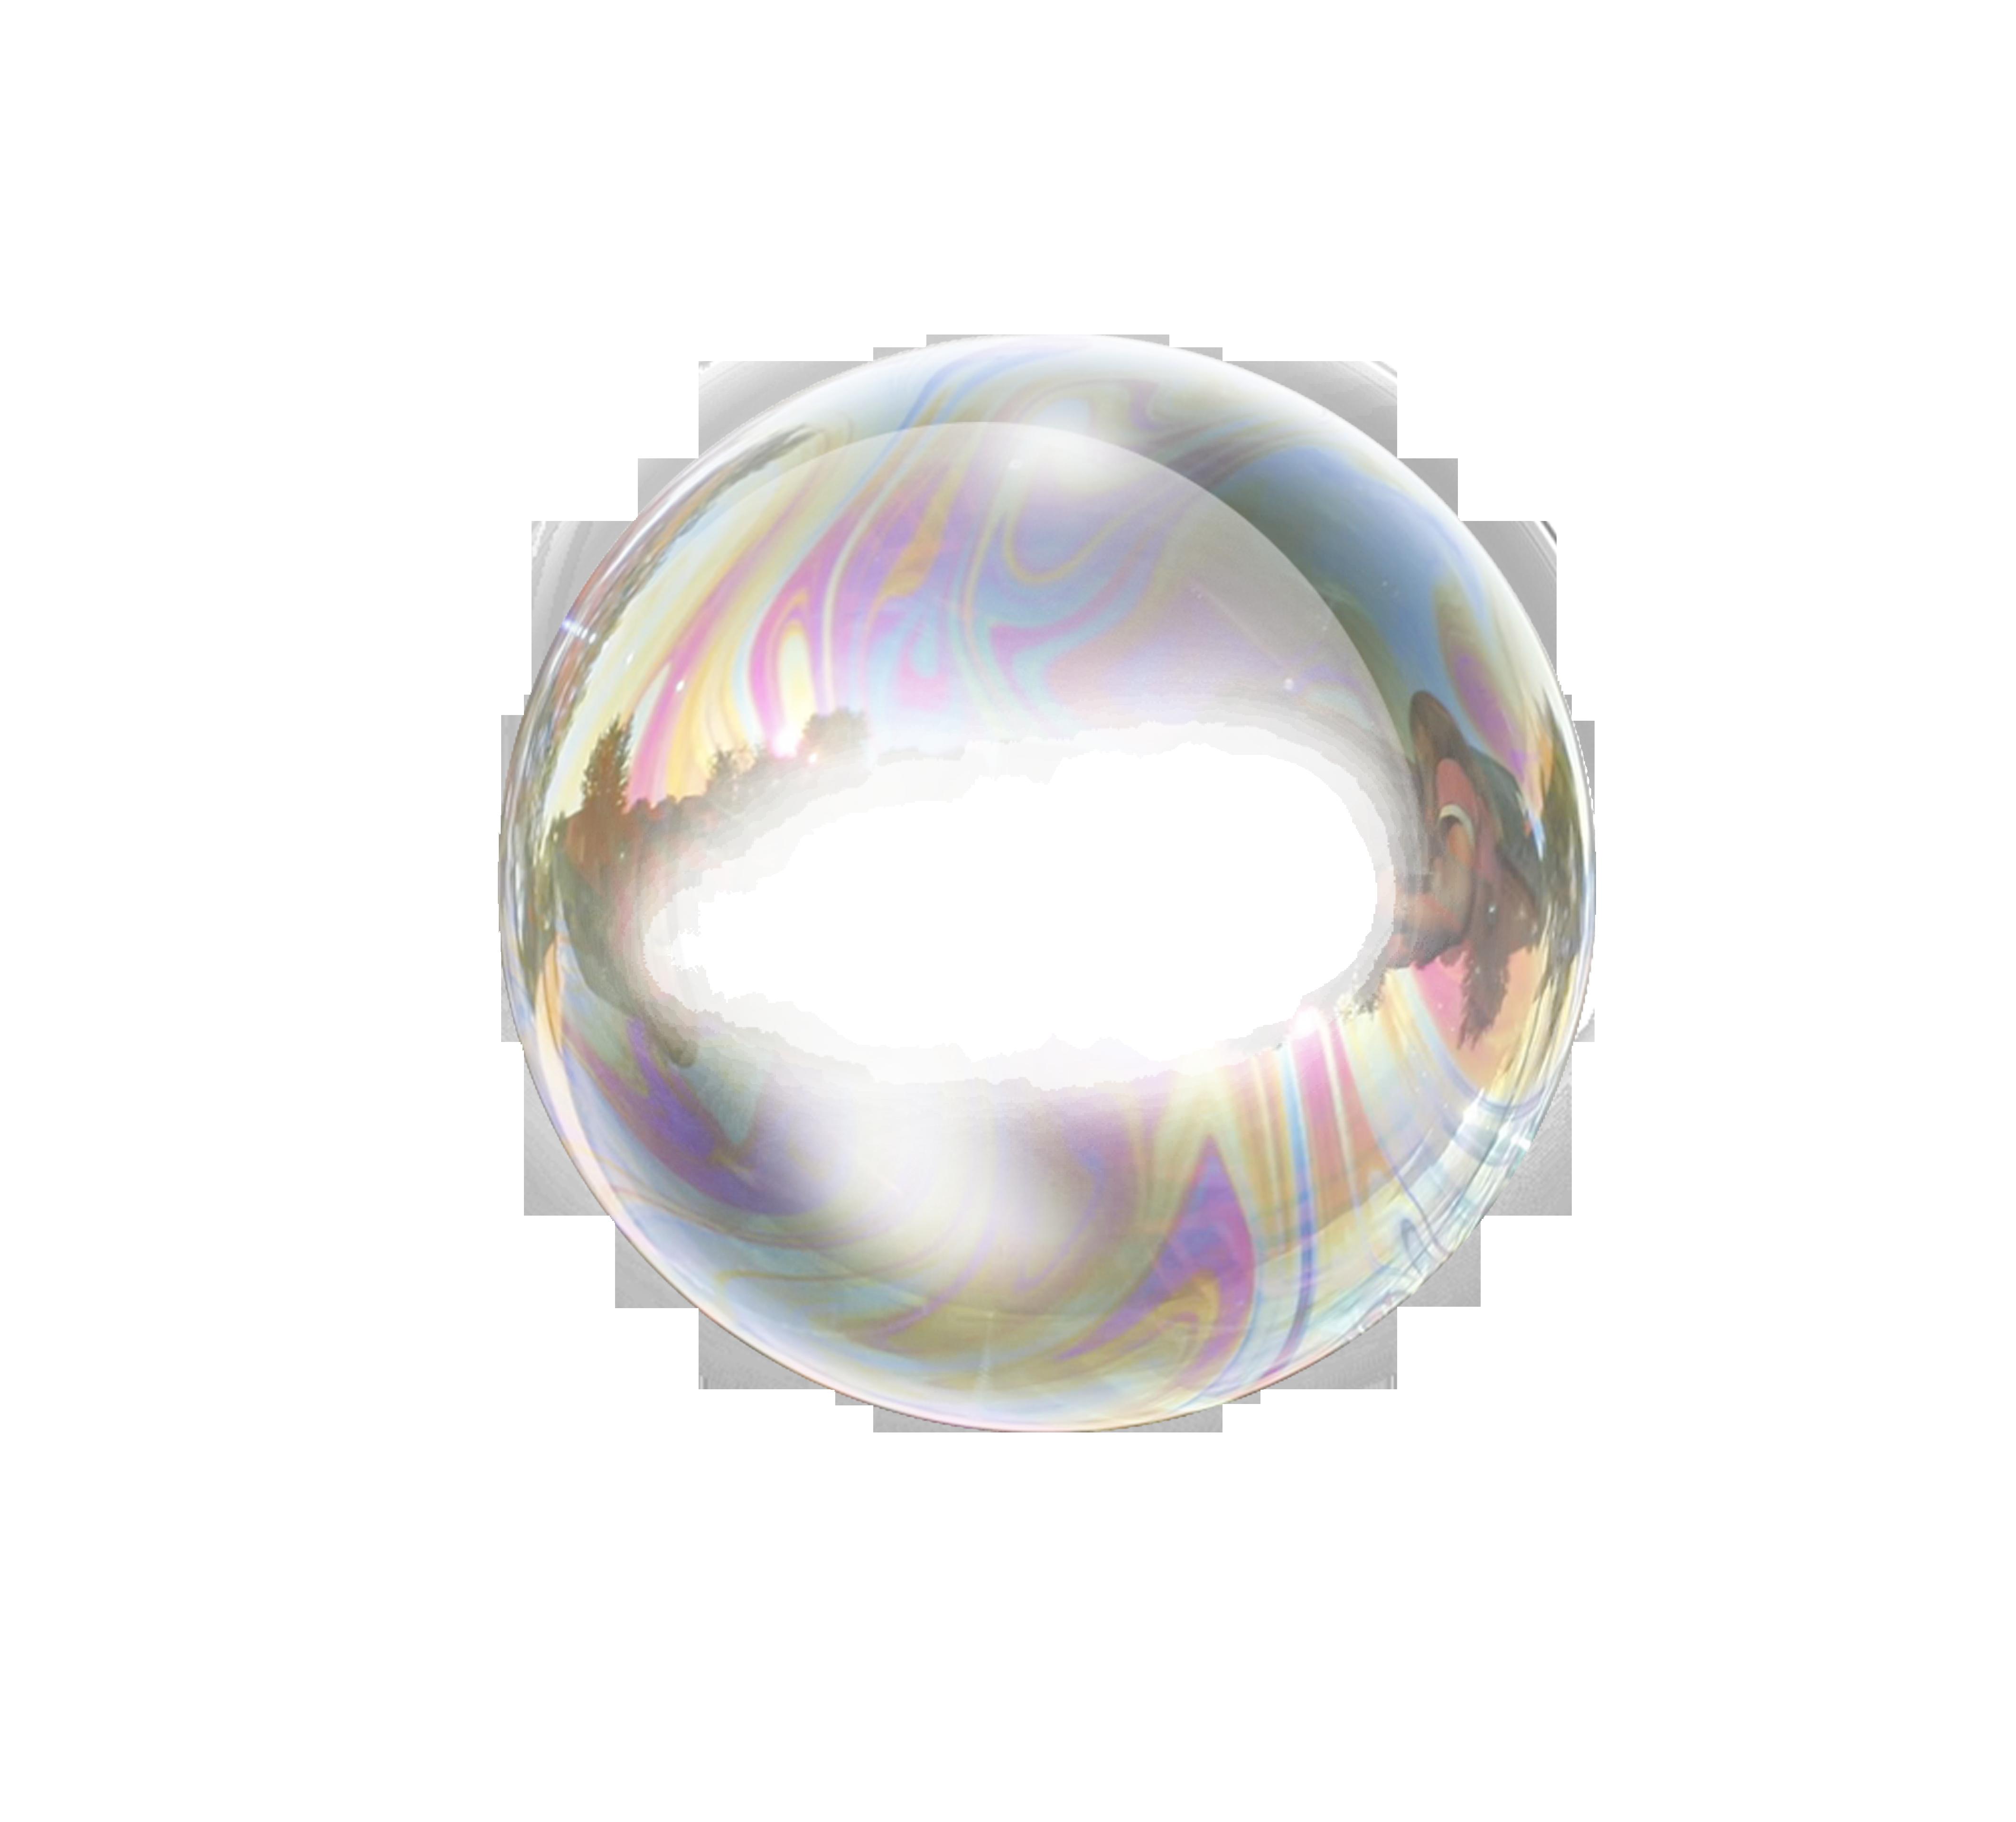 Soap Bubbles PNG Transparent Images.